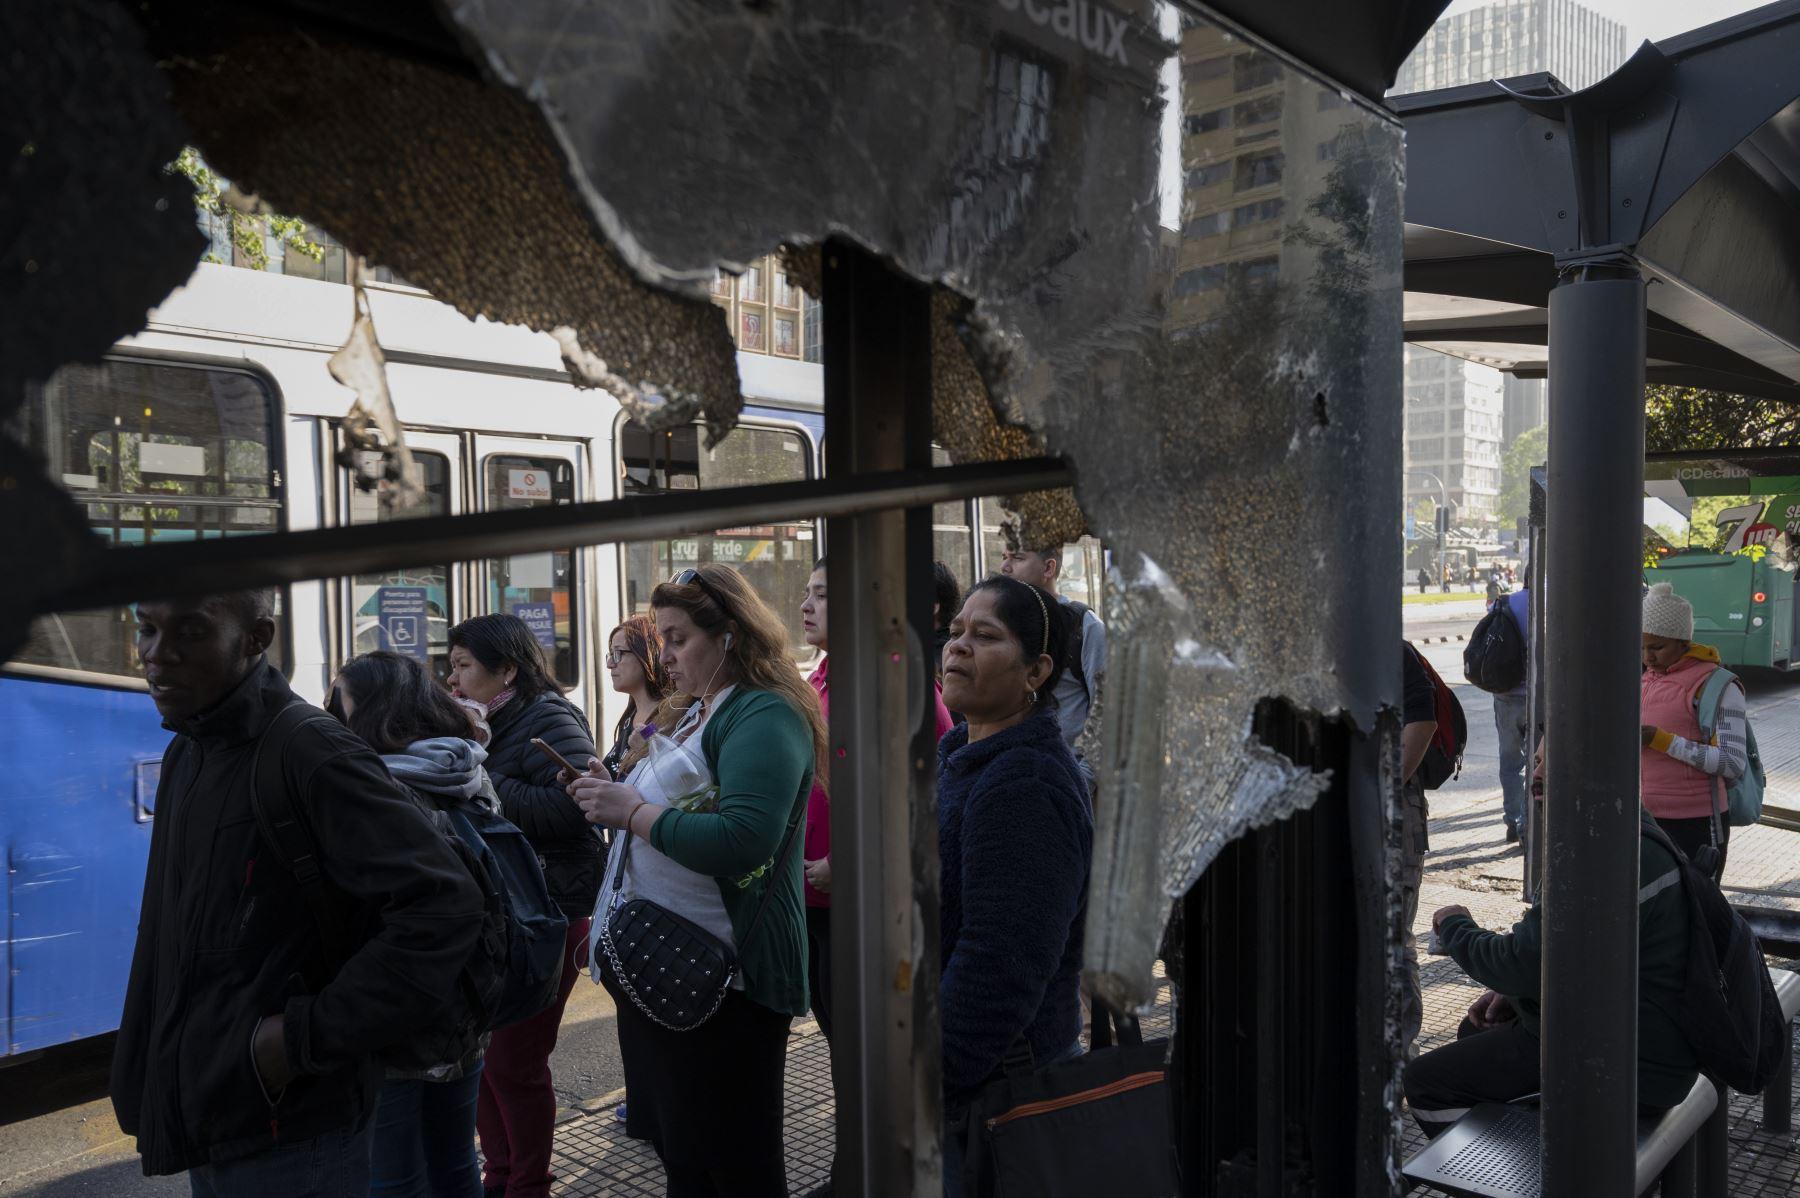 La gente espera tomar un autobús en Santiago de Chile, tras las protestas violentas, inicialmente contra un aumento en las tarifas del metro. Foto: AFP